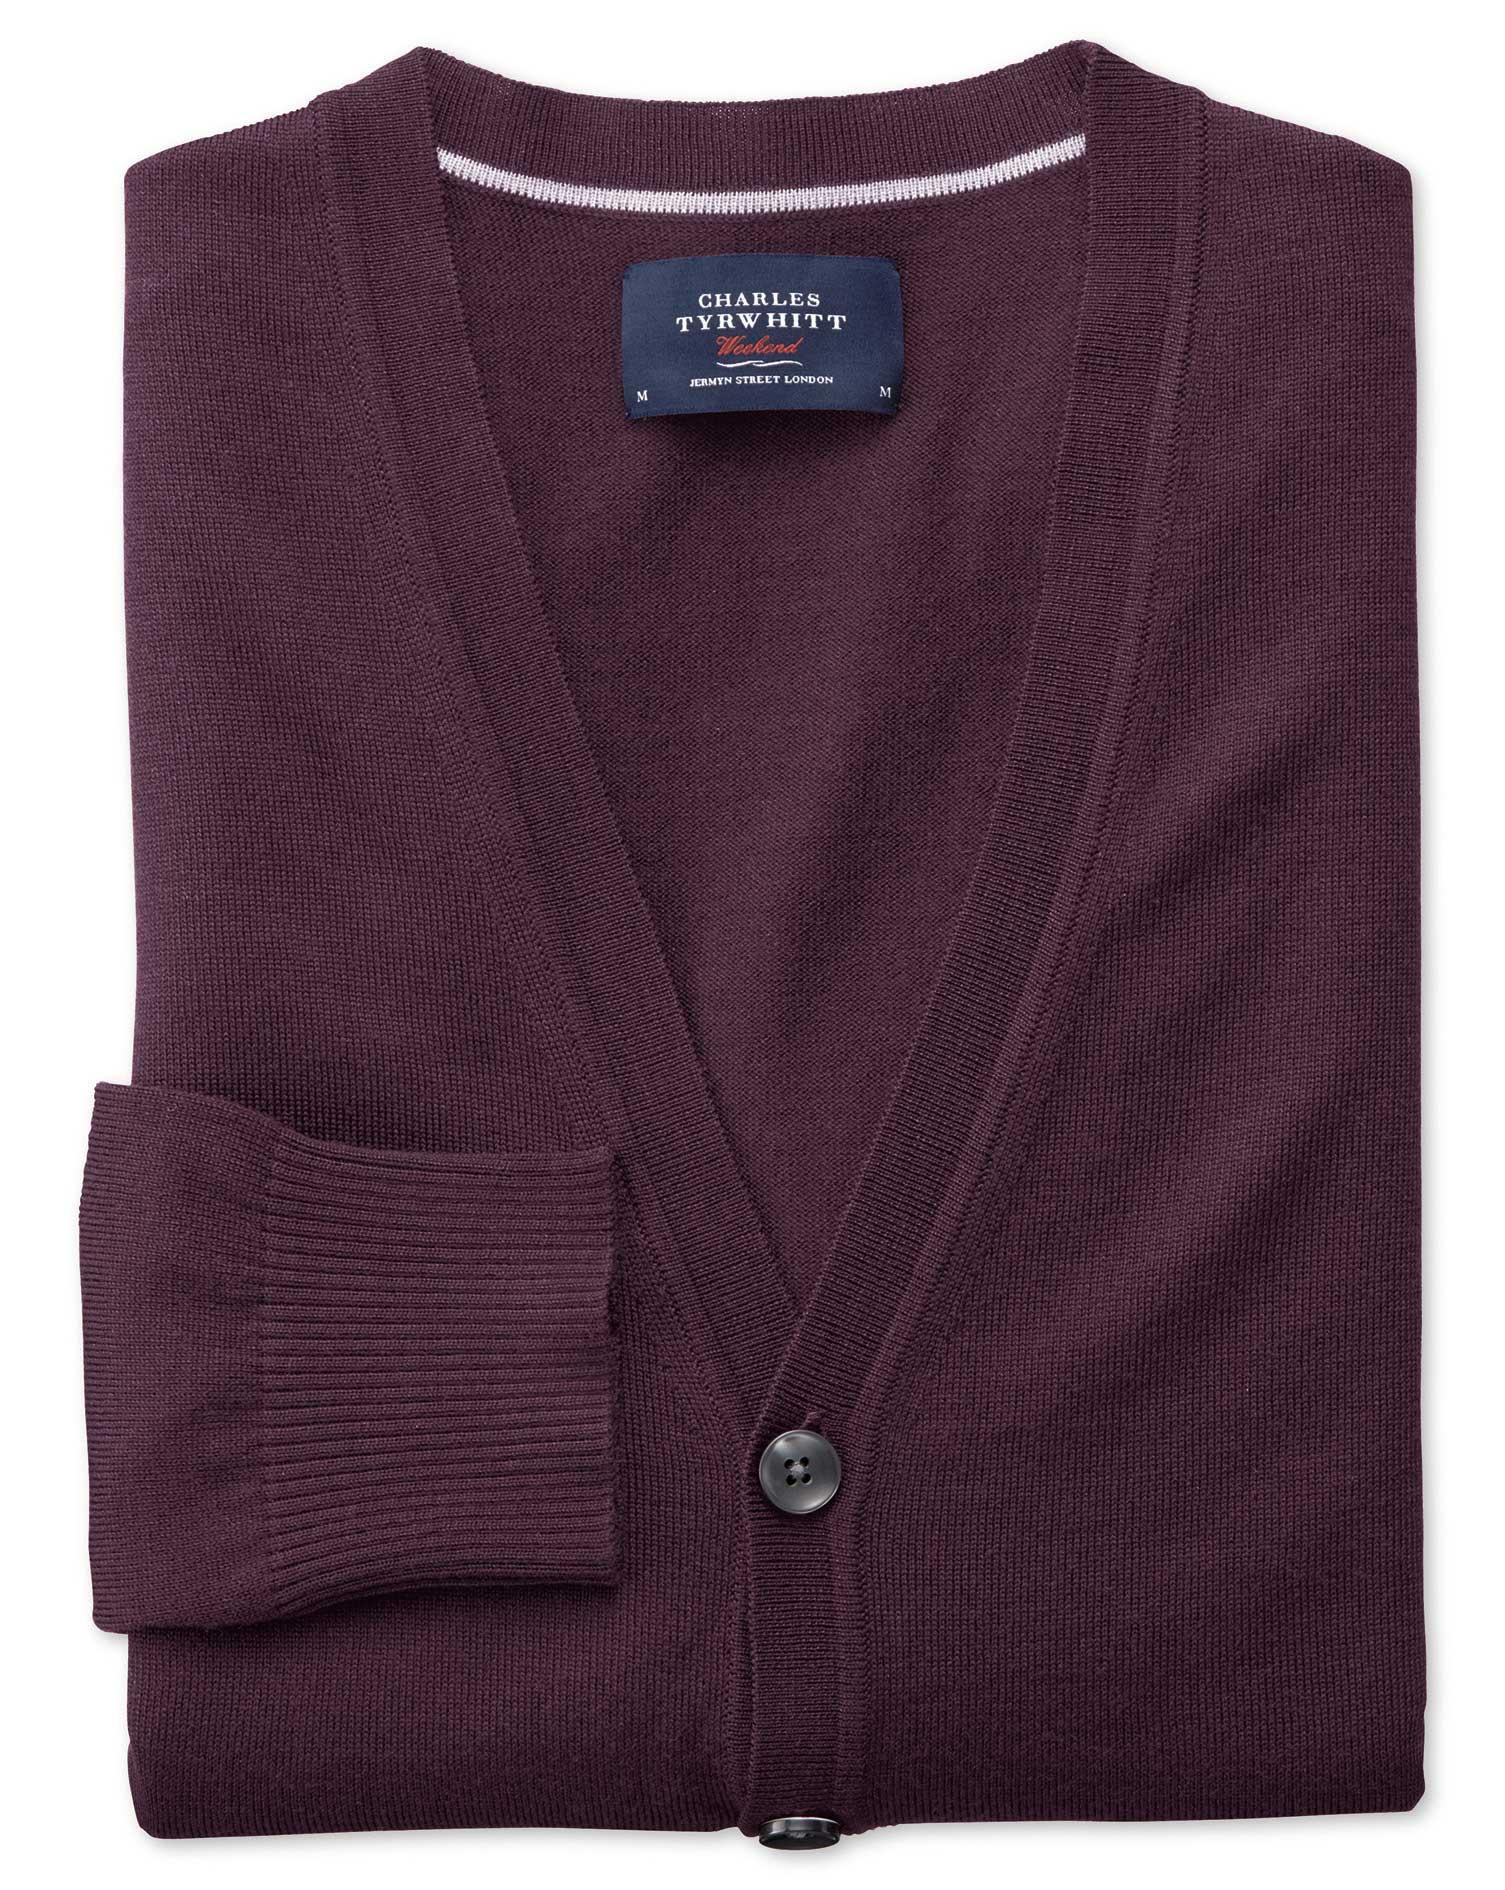 Wine Merino Wool Cardigan Size Medium by Charles Tyrwhitt